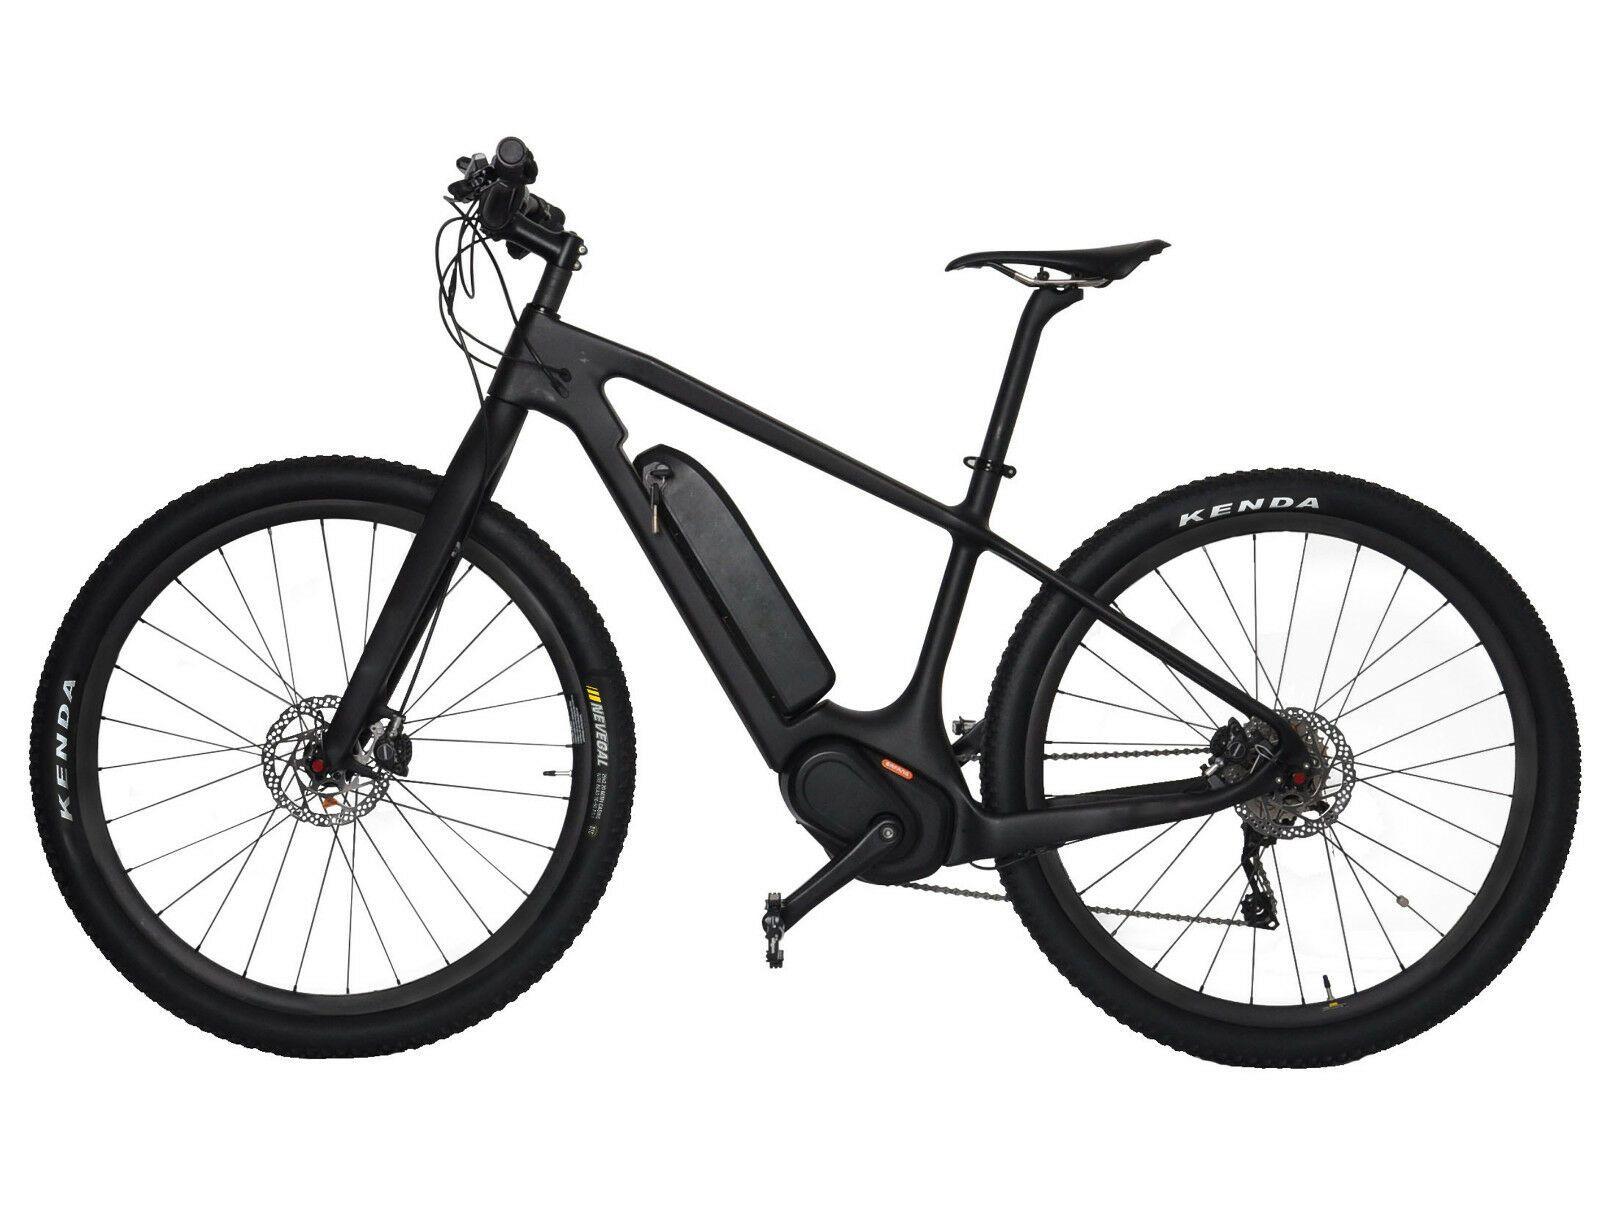 29er E Bike 18 Carbon Frame Fork Mtb Motor Wheel